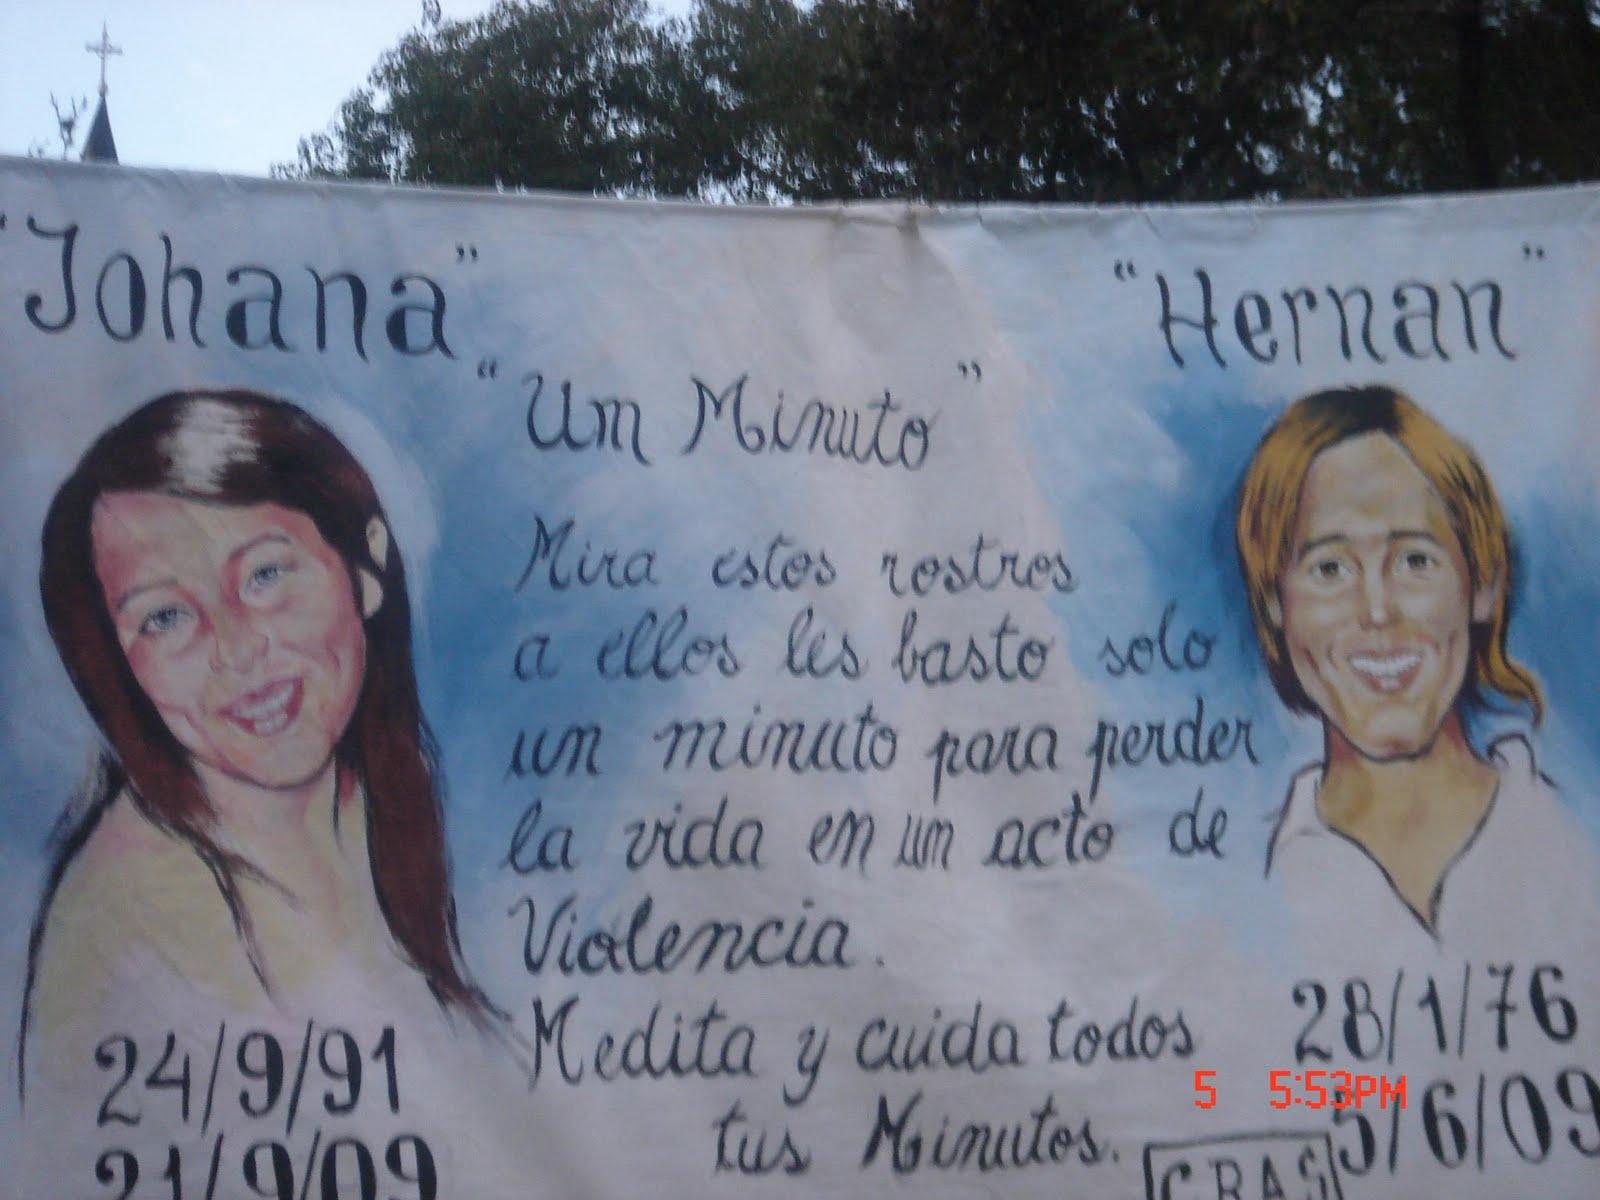 Marcha por Justicia de Hernana bernal el 5 de Junio 2010